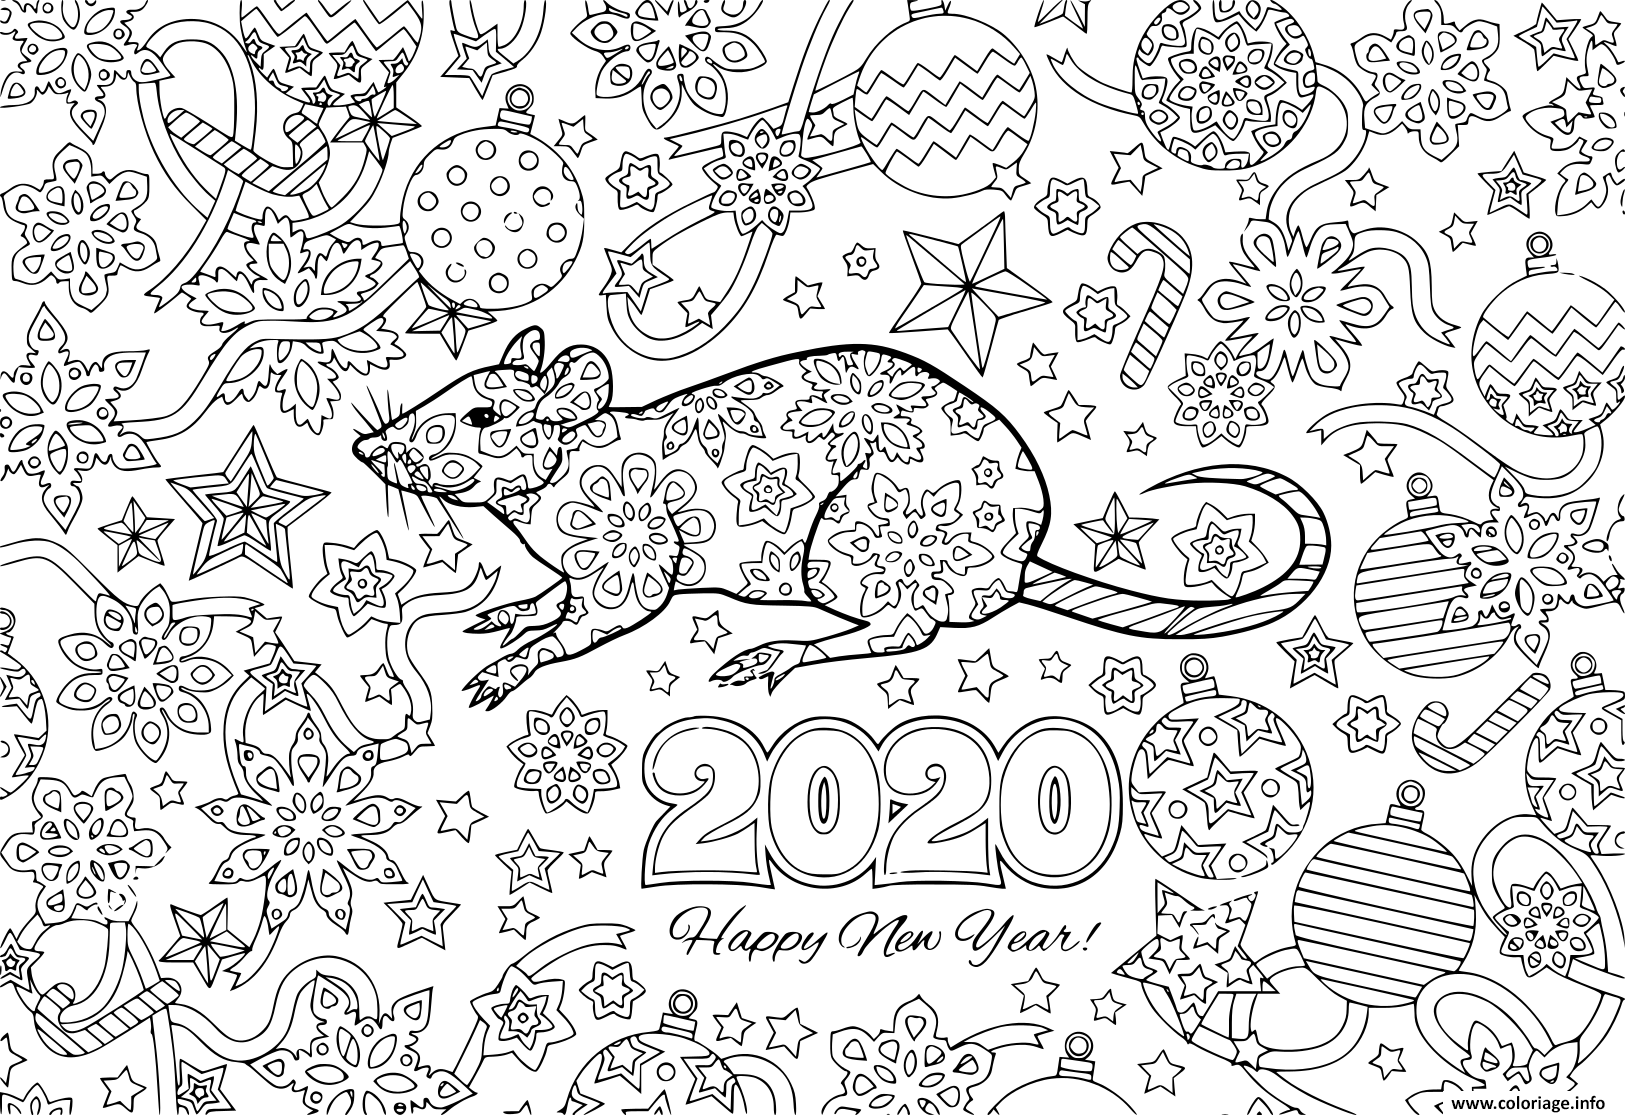 Dessin nouvel an 2020 rat and festive objects image pour calendar Coloriage Gratuit à Imprimer